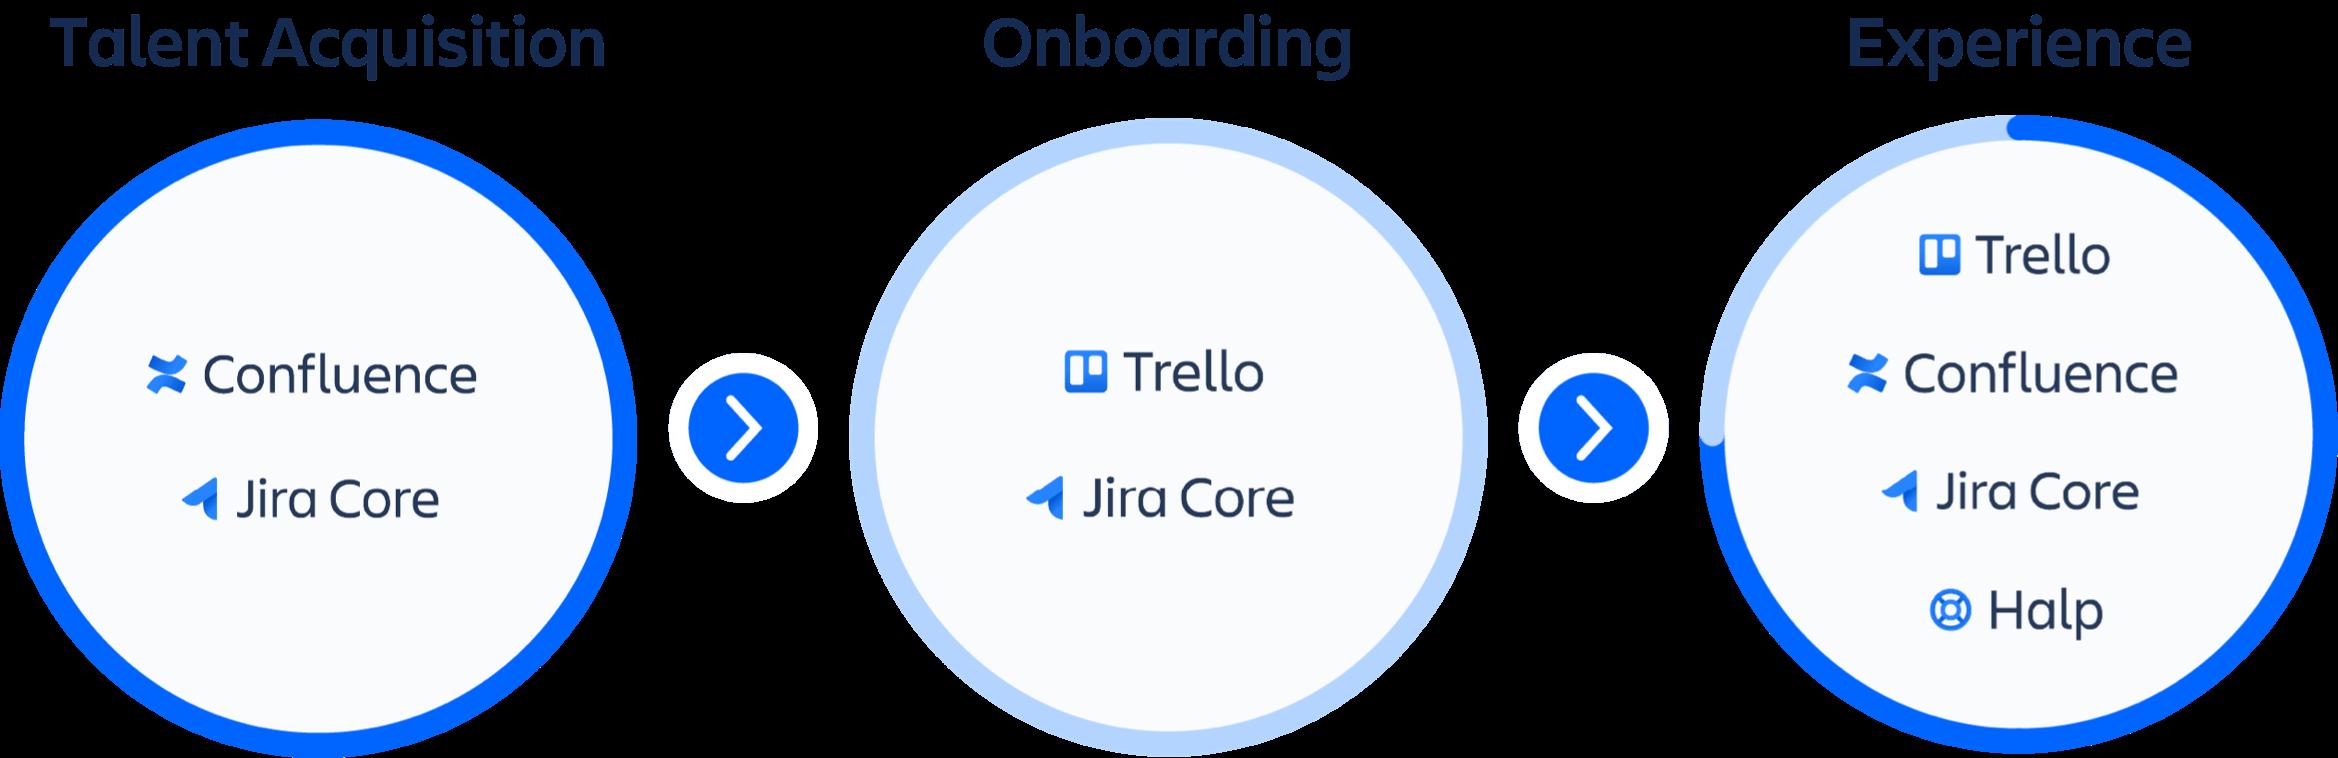 Grafika produktów pomagających w pozyskiwaniu talentów (Confluence i Jira Core) oraz we wdrażaniu nowych pracowników (Trello i Jira Core)